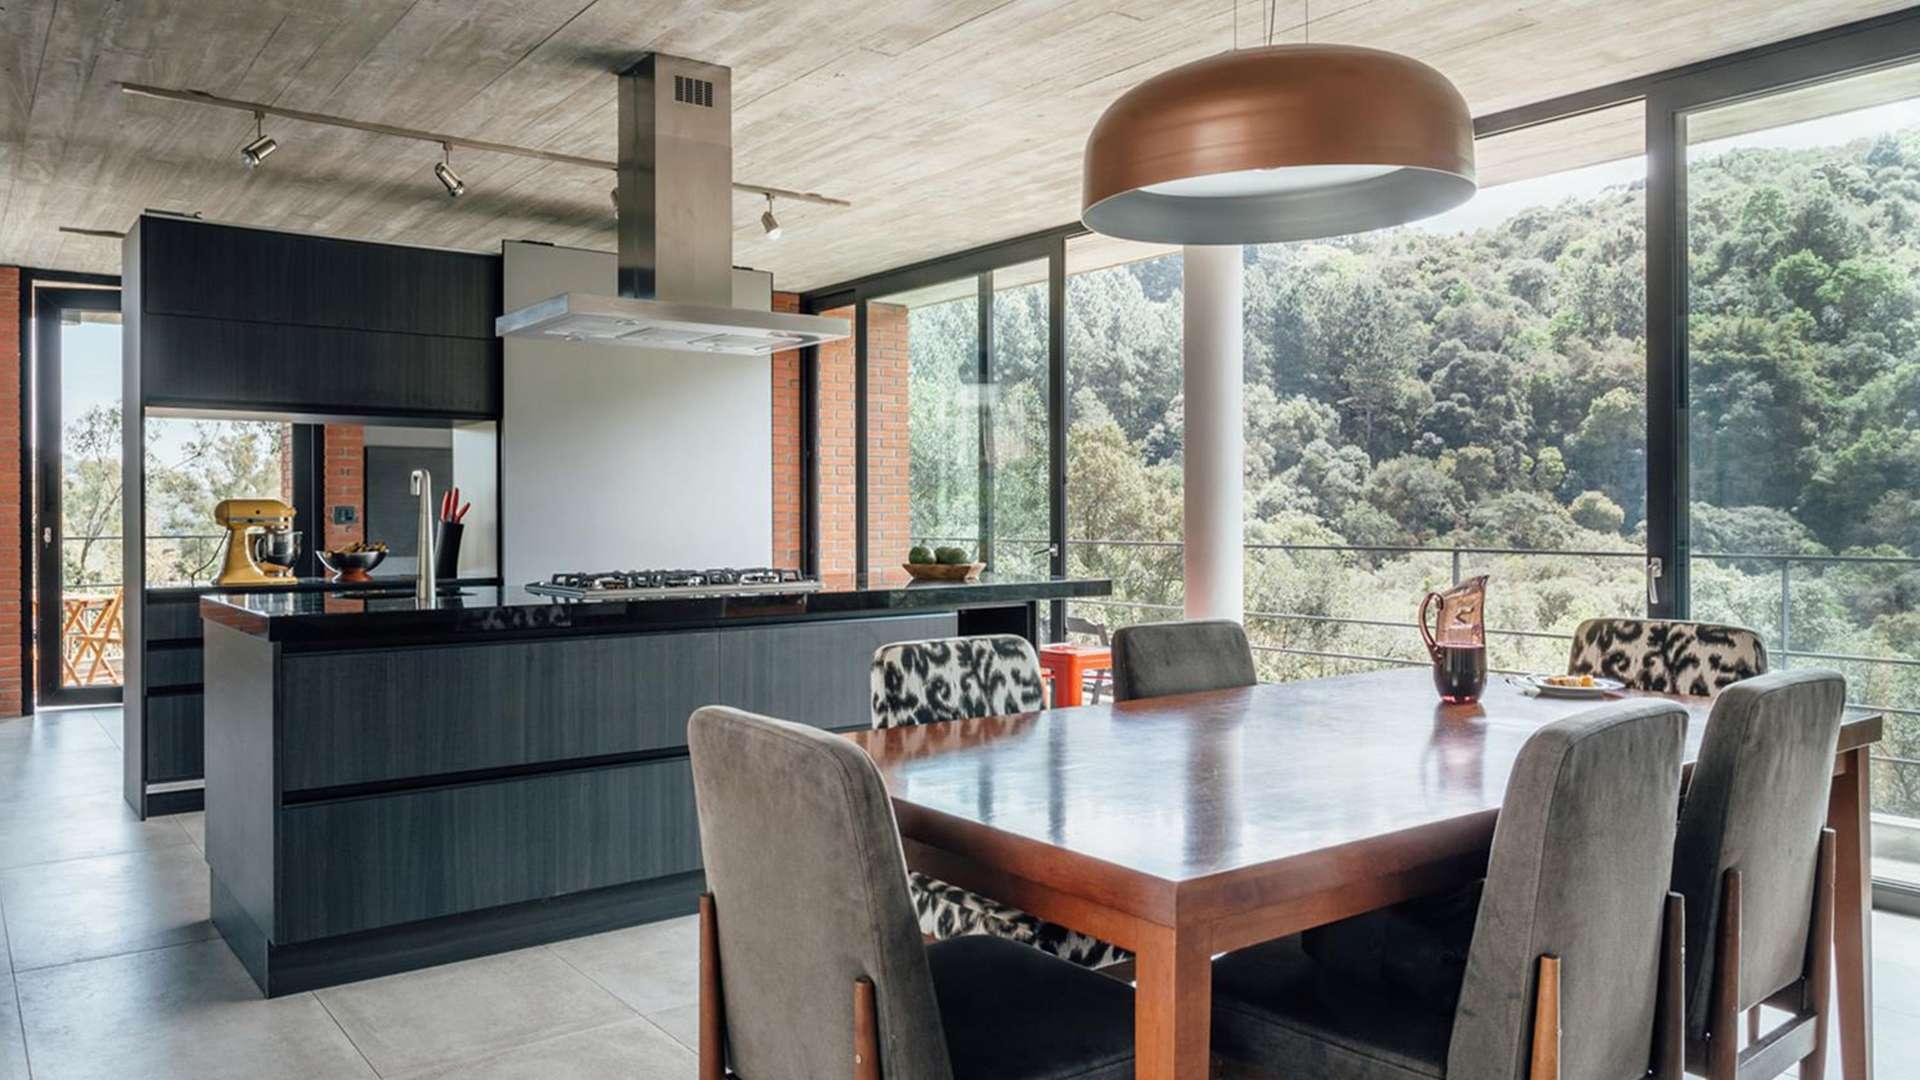 Küche mit Kochinsel und Esstisch